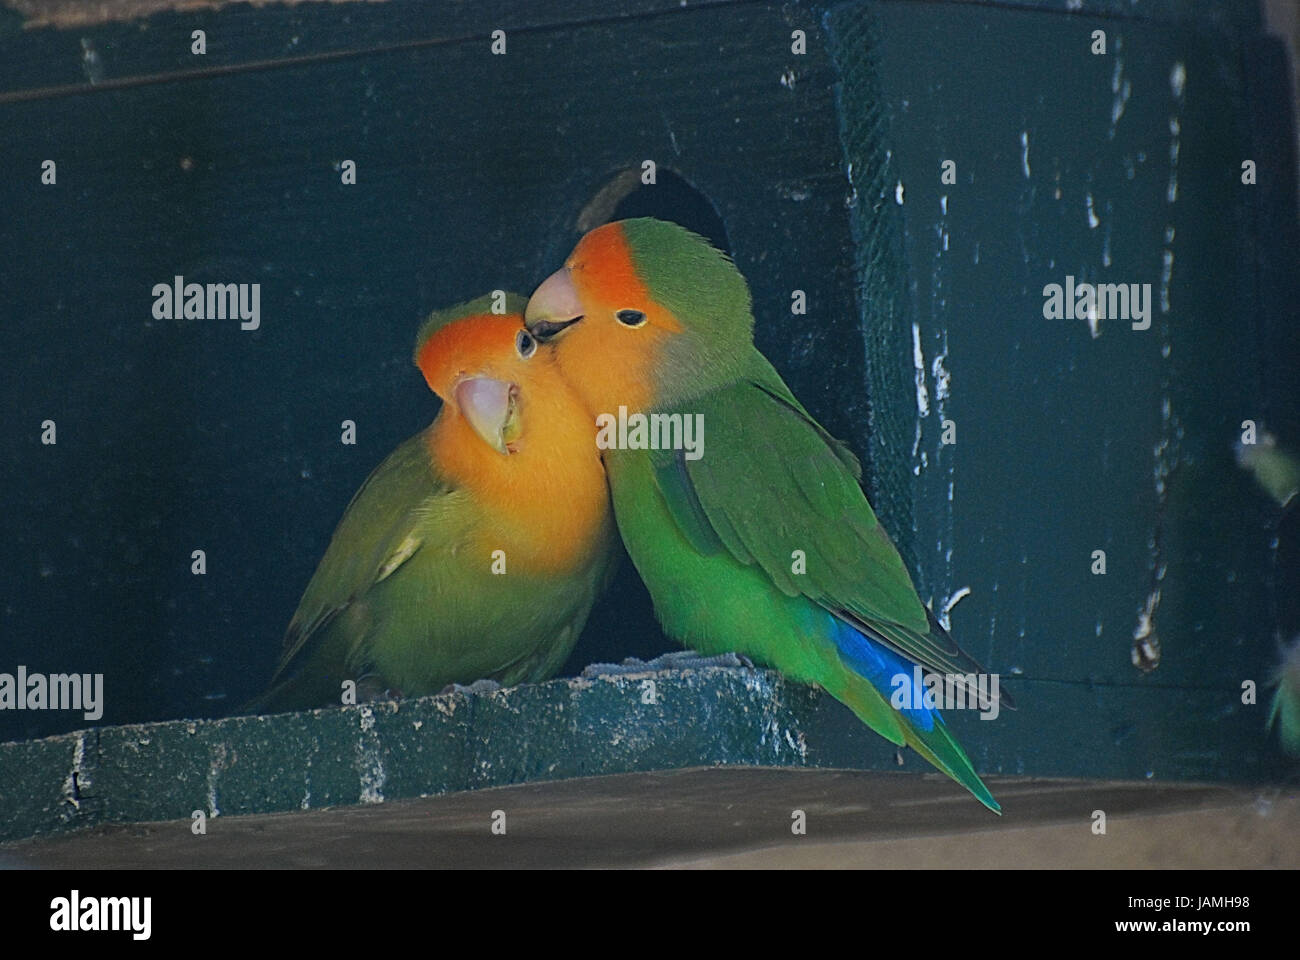 Parrotsinseparableaviary